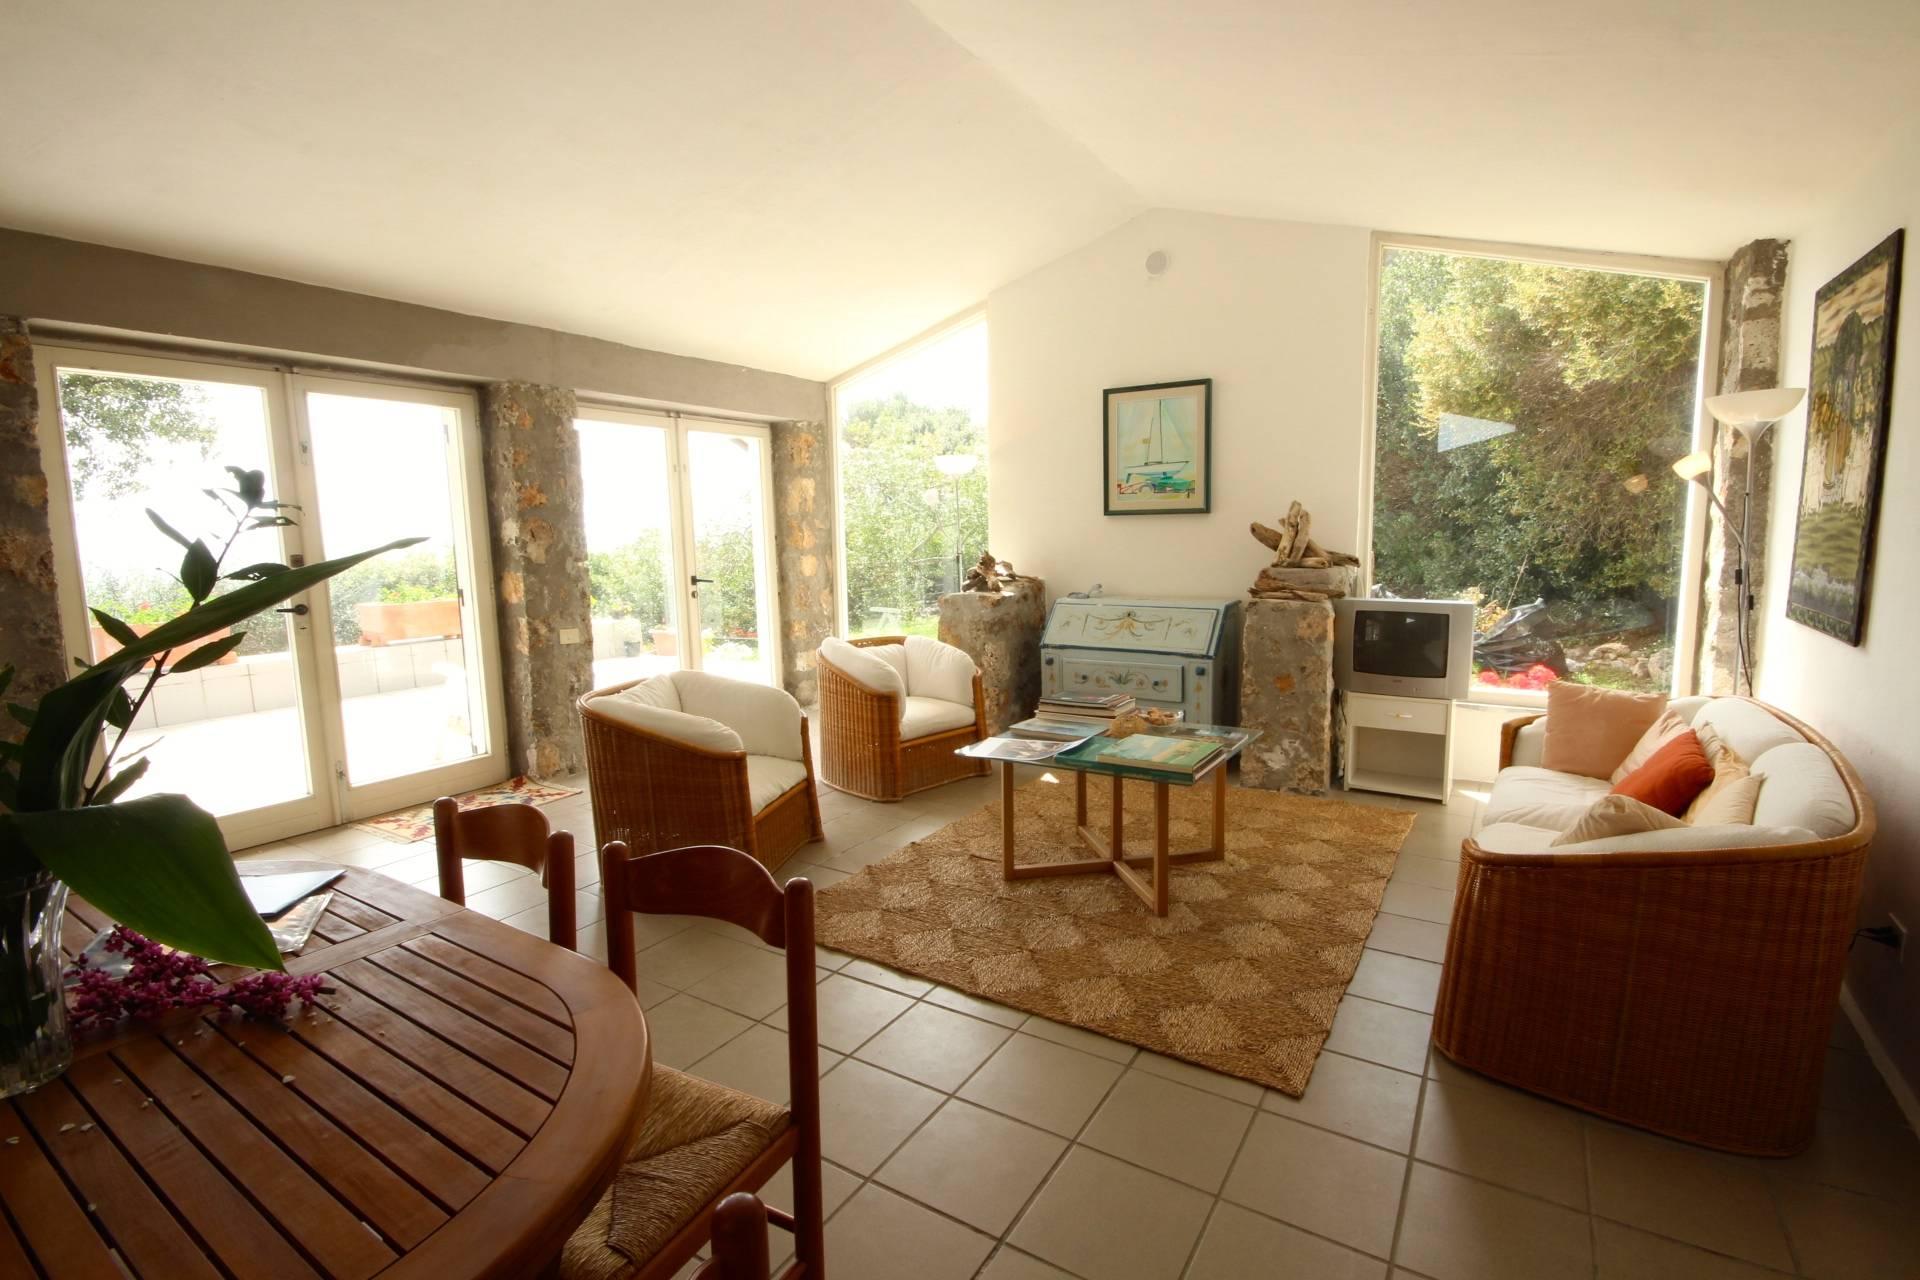 Villa in vendita a Orbetello, 8 locali, zona Zona: Ansedonia, prezzo € 1.300.000 | Cambio Casa.it